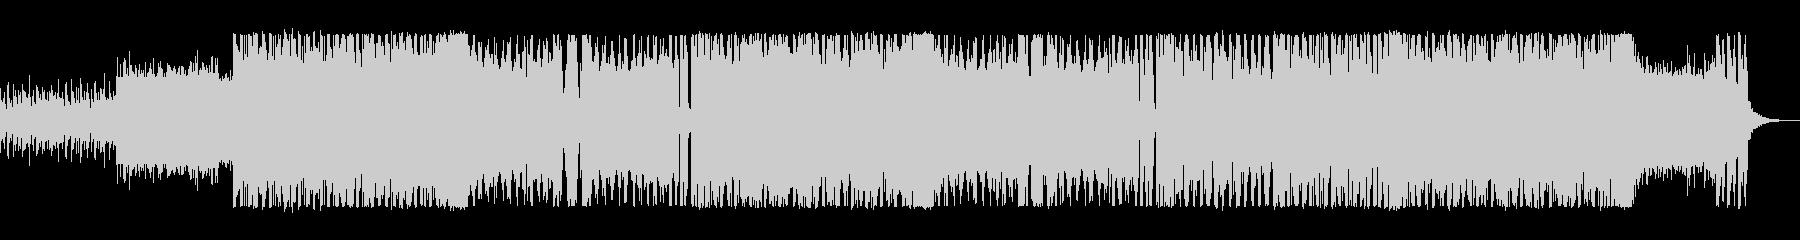 エレキギターが印象的なロックの未再生の波形